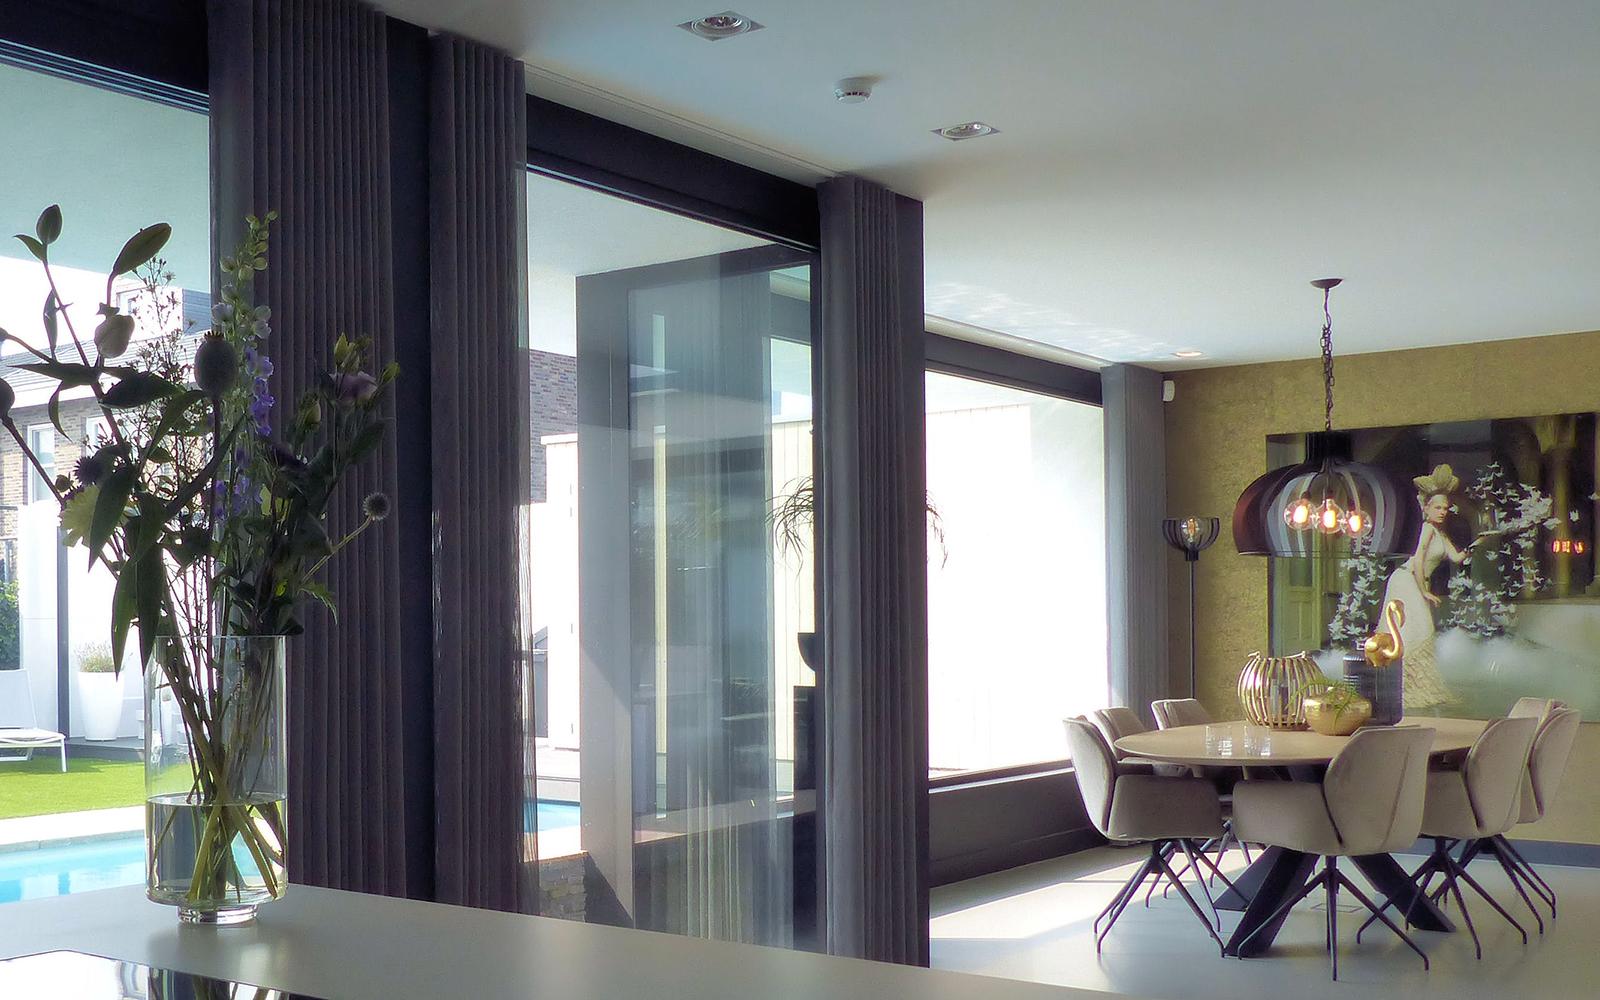 Bureau IN, Moderne Droomvilla, Eetkamer, Keuken, Verbinding, Eettafel, Gietvloer